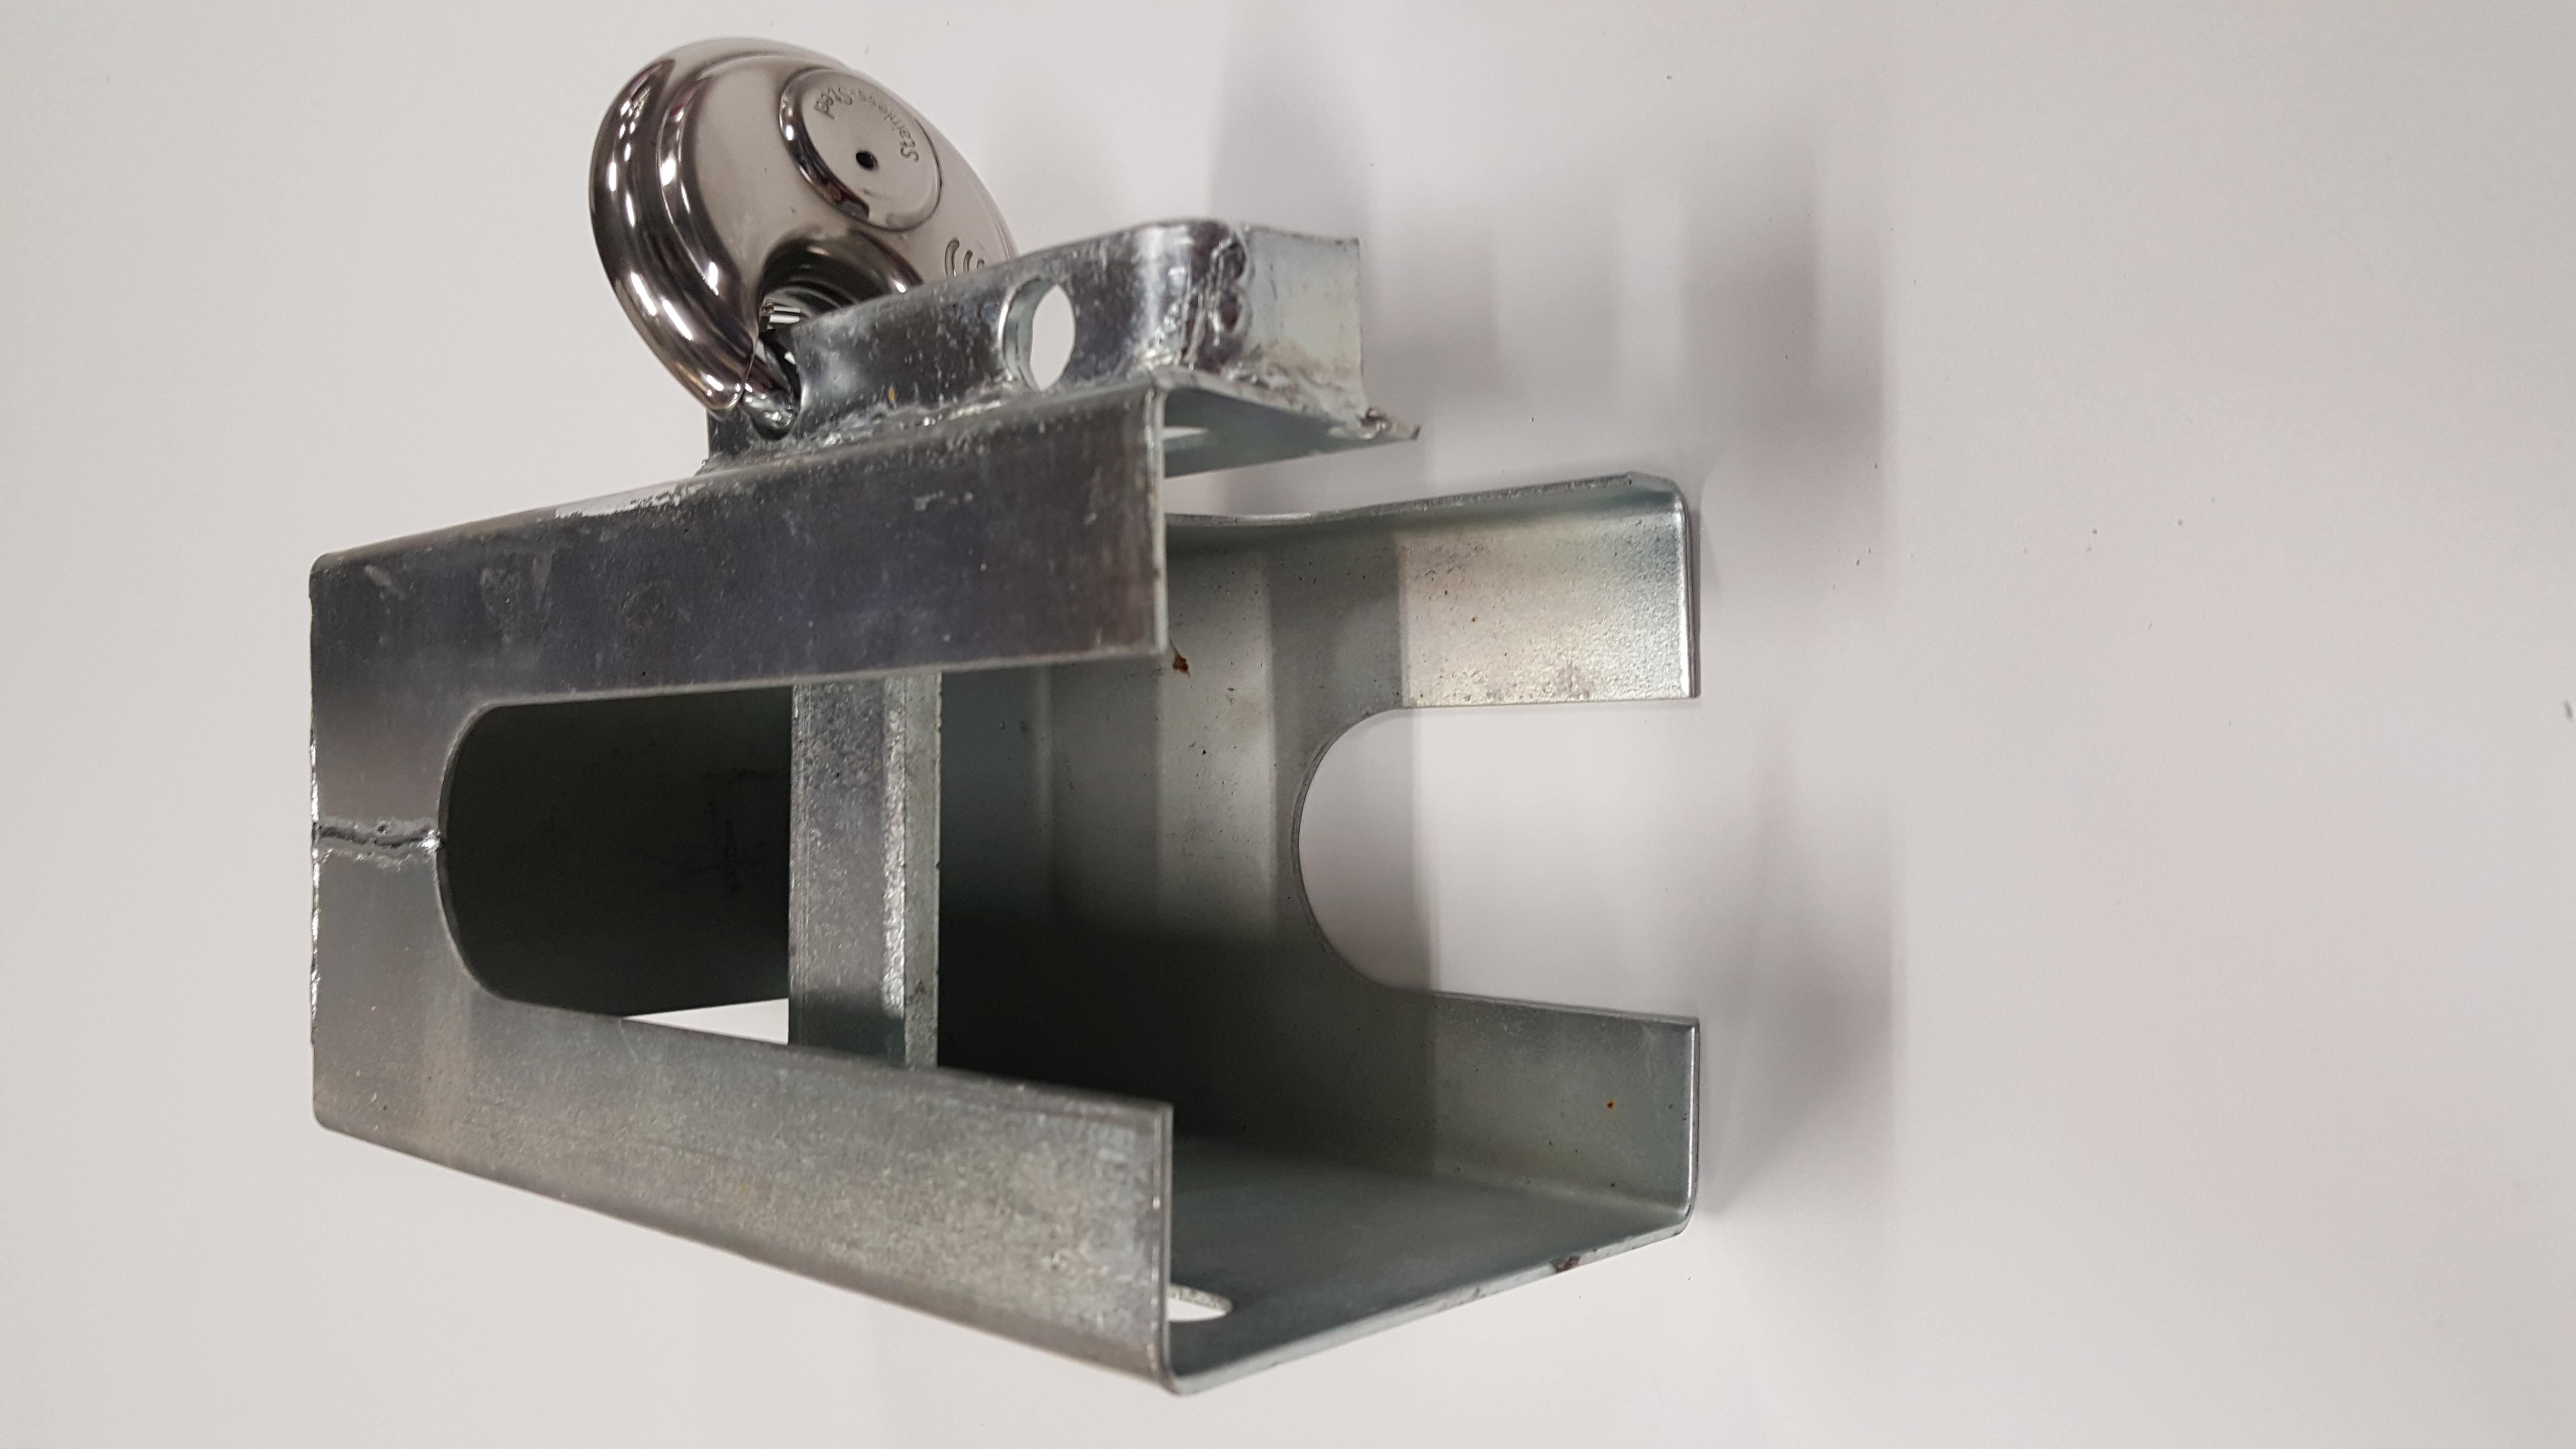 kogelkoppelingtbvsnelverkeer-3